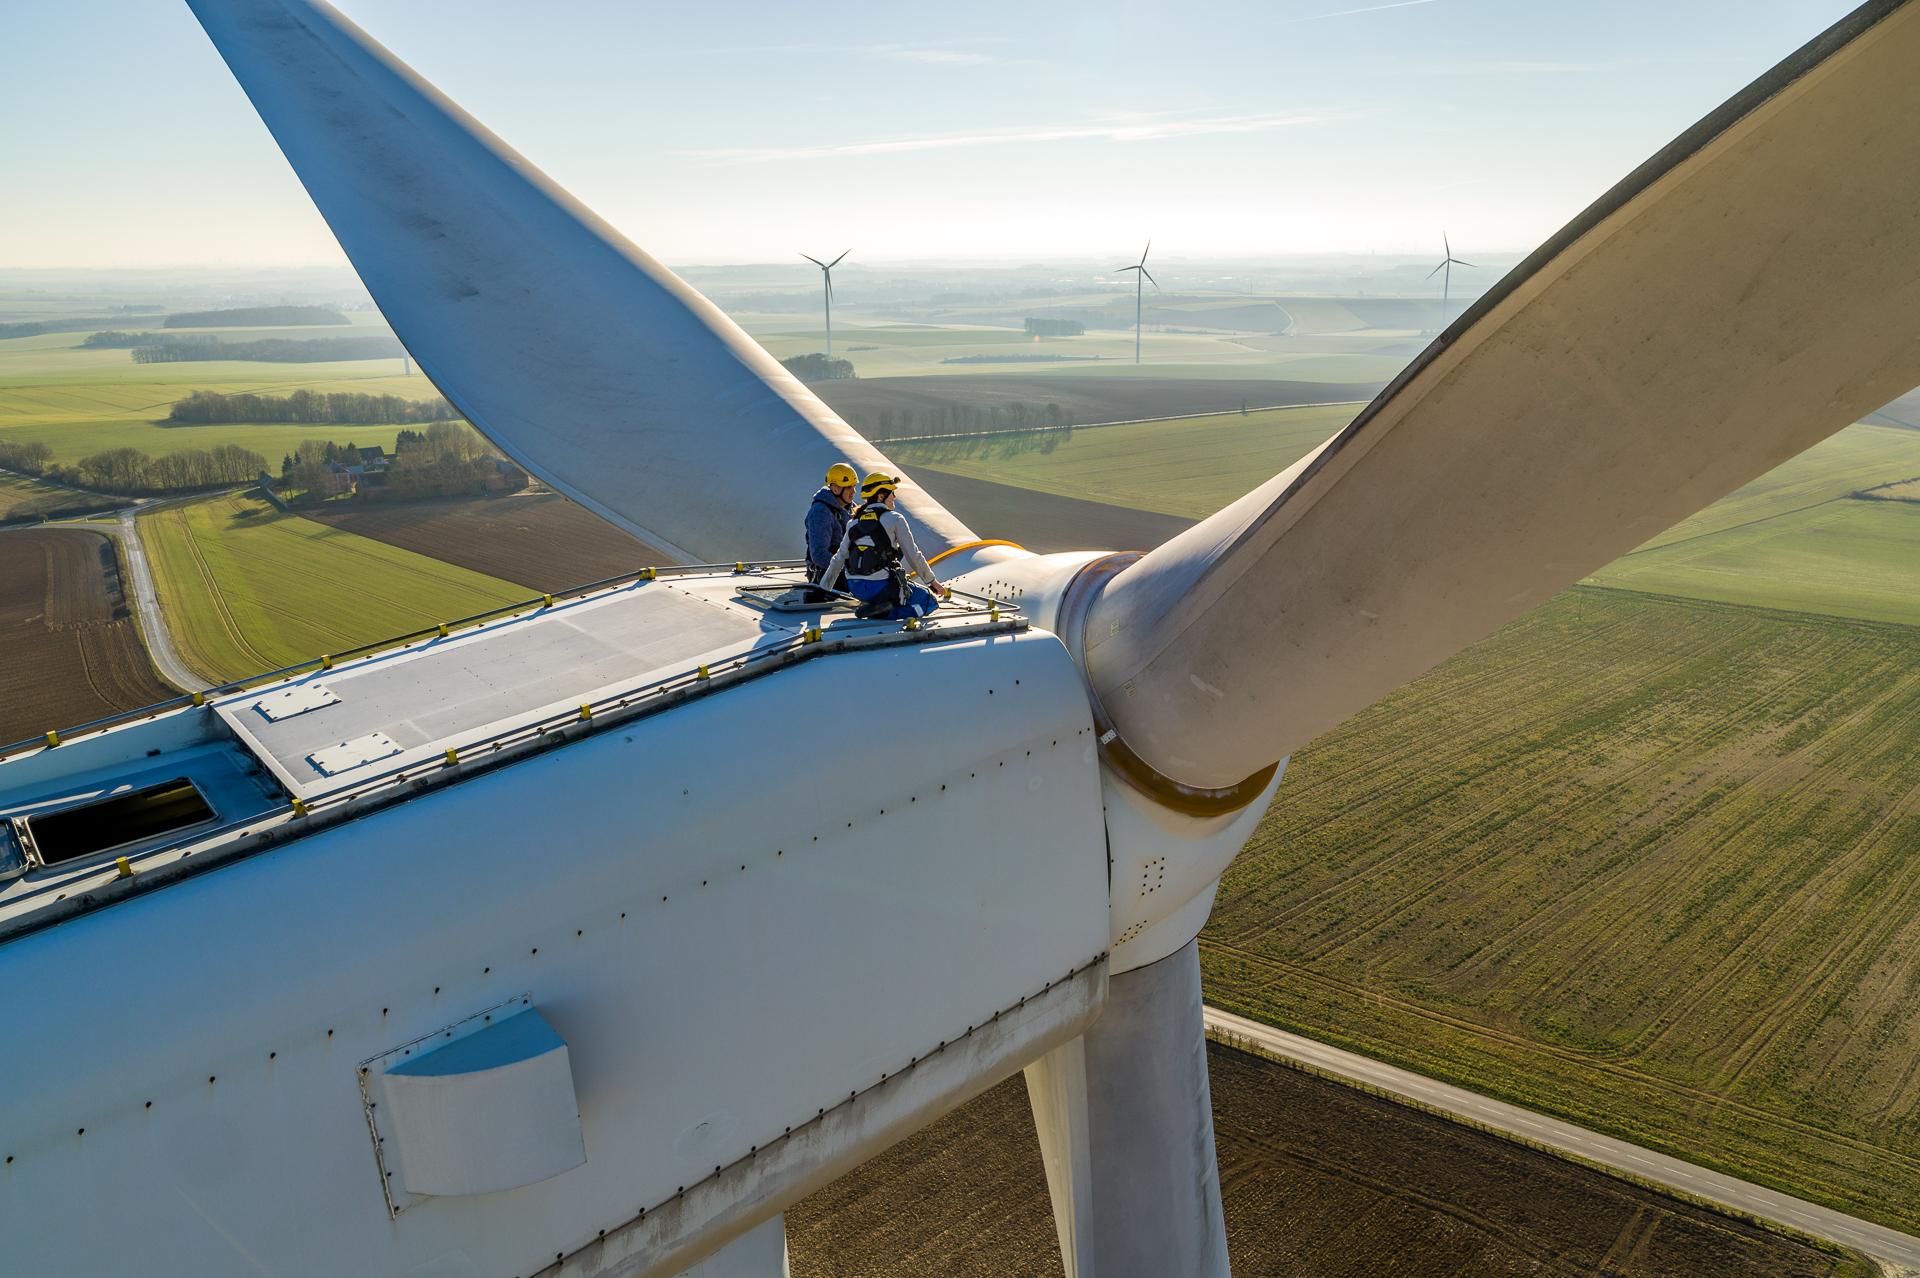 Kallista_Energy_Picardie_Omissy-0675©Stephane_Leroy.jpg